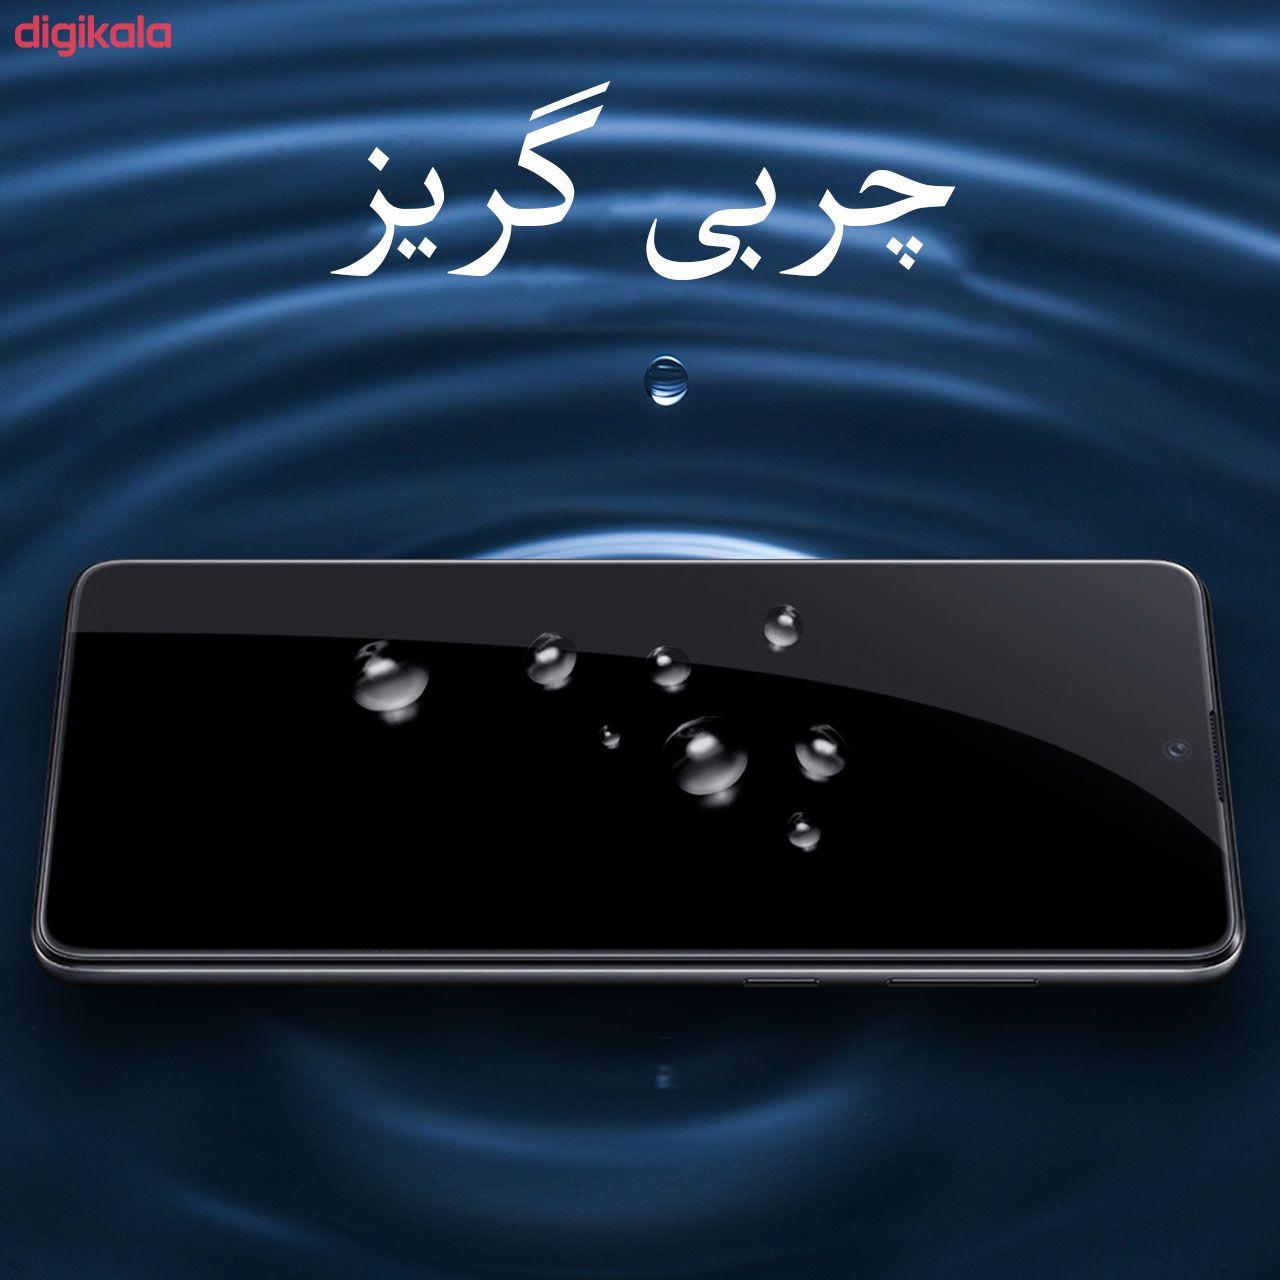 محافظ صفحه نمایش مدل FCG مناسب برای گوشی موبایل شیائومی Redmi Note 9 Pro main 1 1